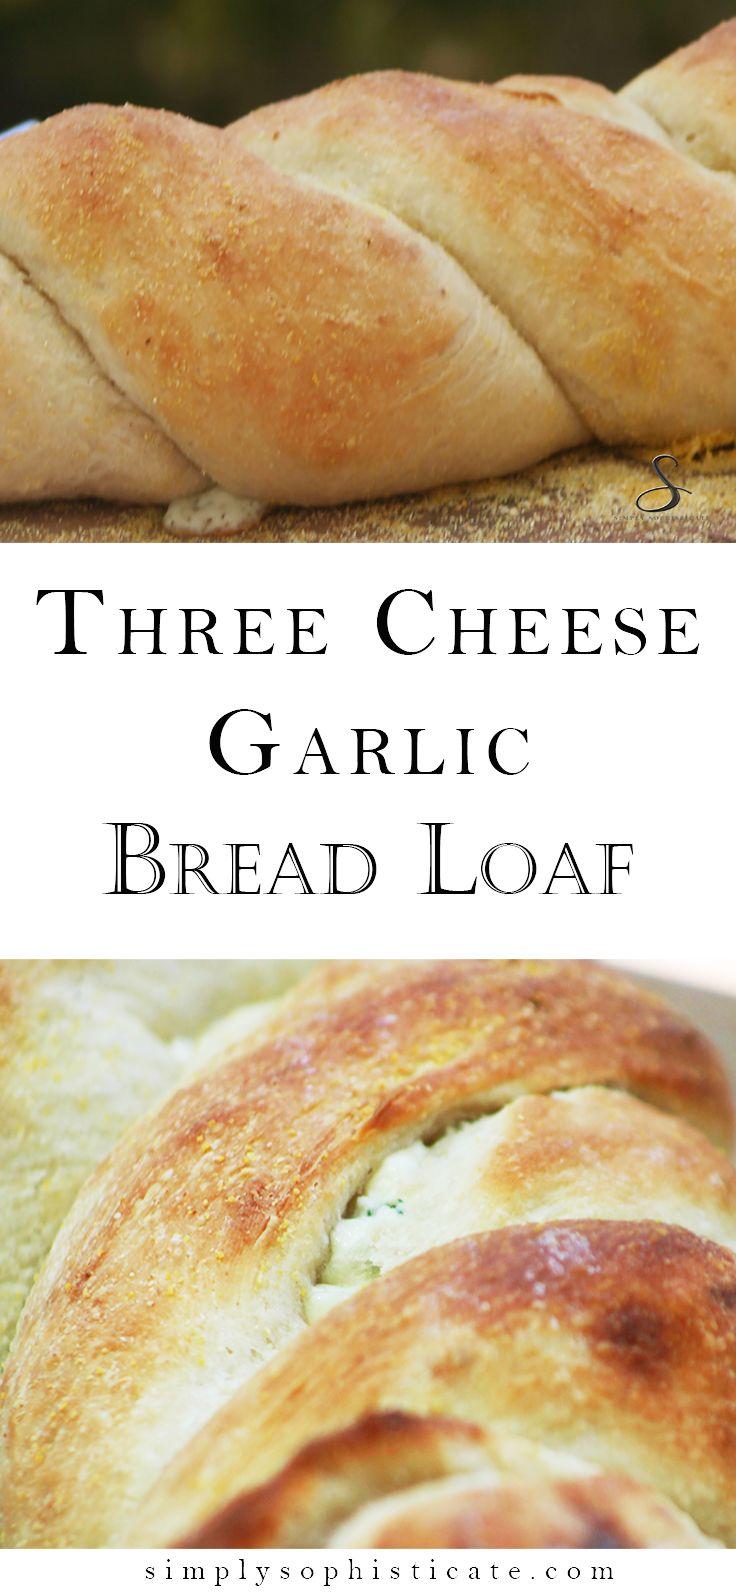 Three Cheese Garlic Bread Loaf